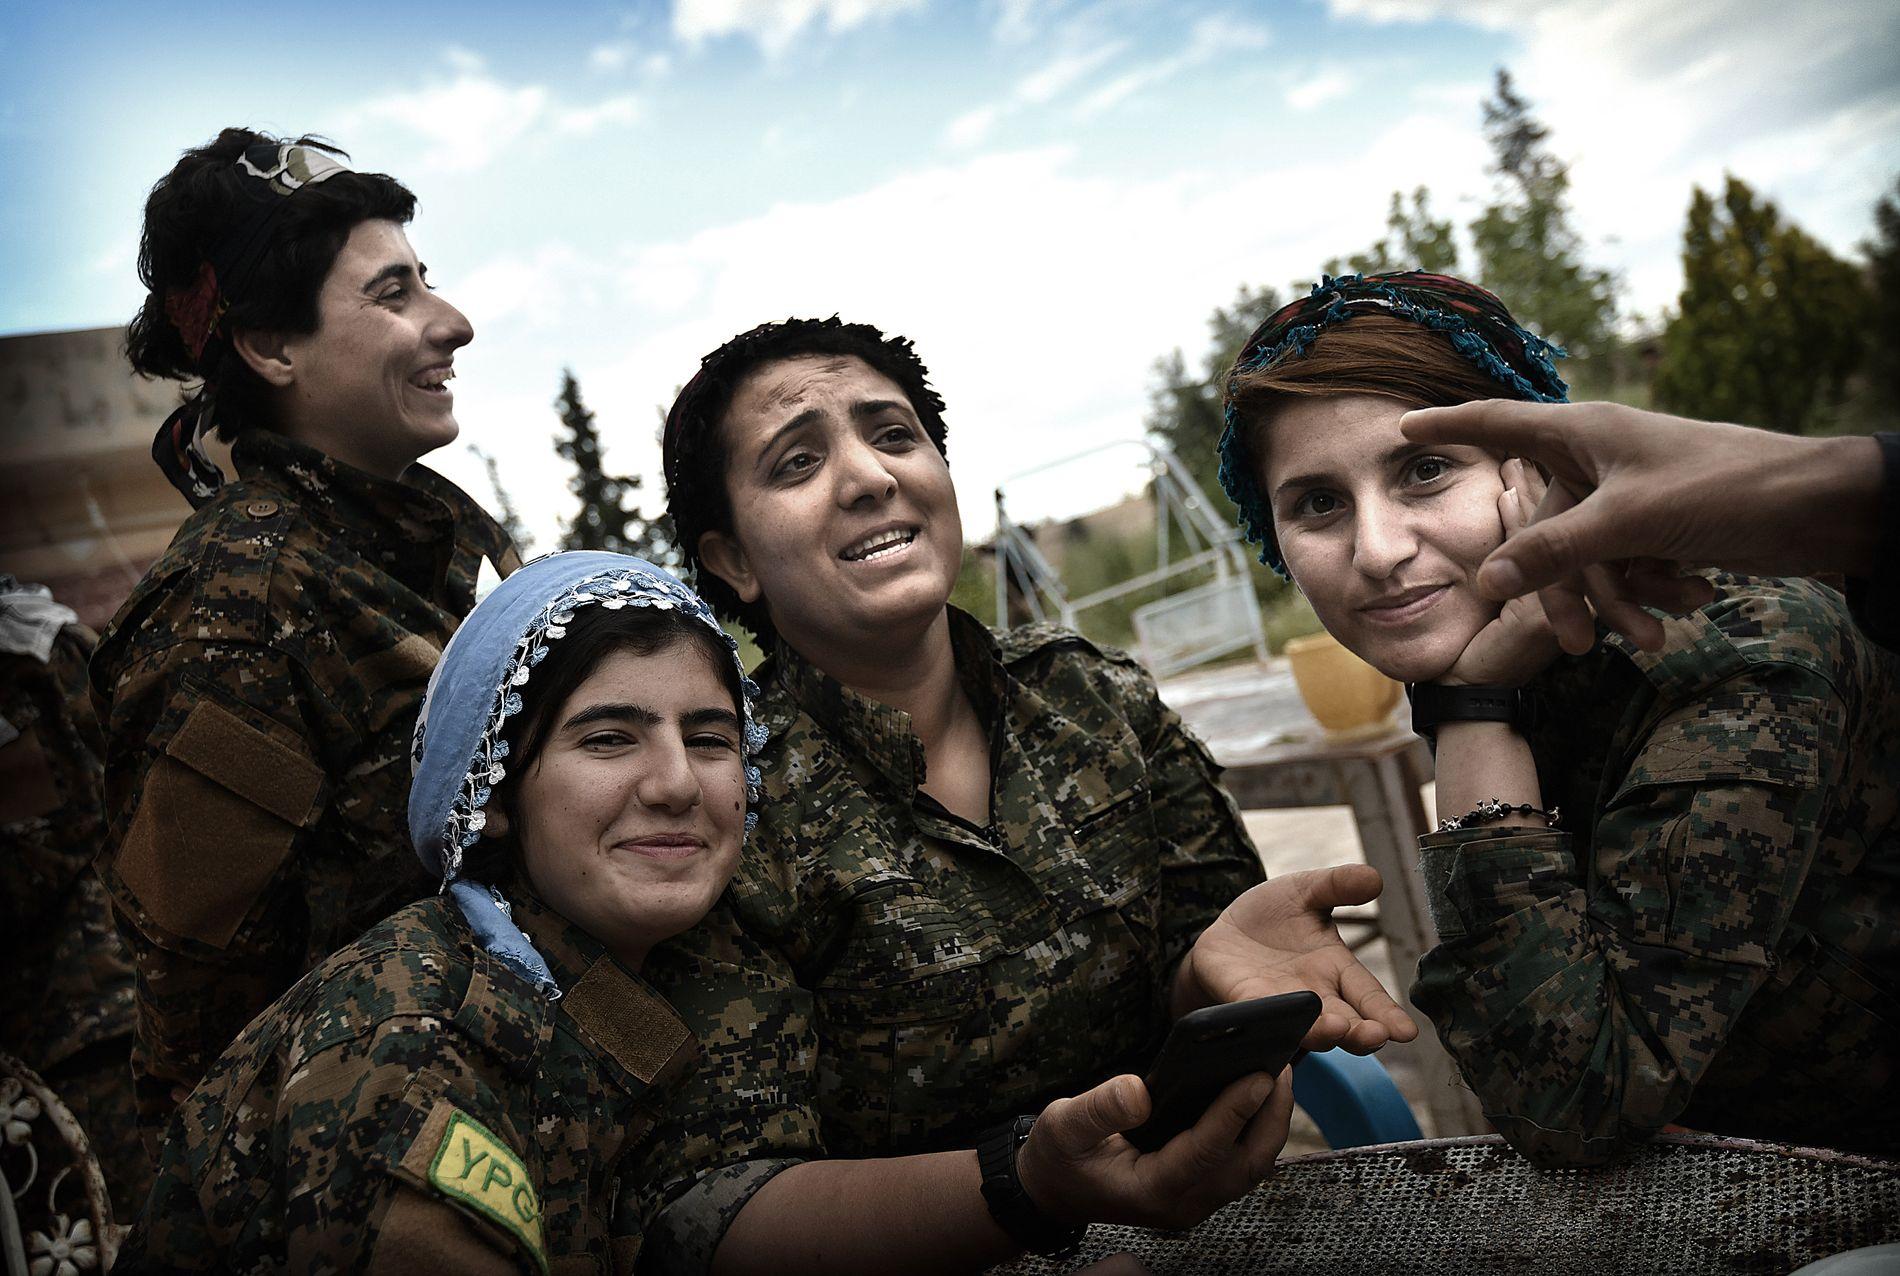 ÅR MED KRIG: Utenfor Qamishli nordøst i Syria møter VG soldater i kvinnemilitsen YPJ. Fra venstre: Avzem Aven (23), Roken Serhed (20), Dilar Halab (25) og Roj Devren (21).